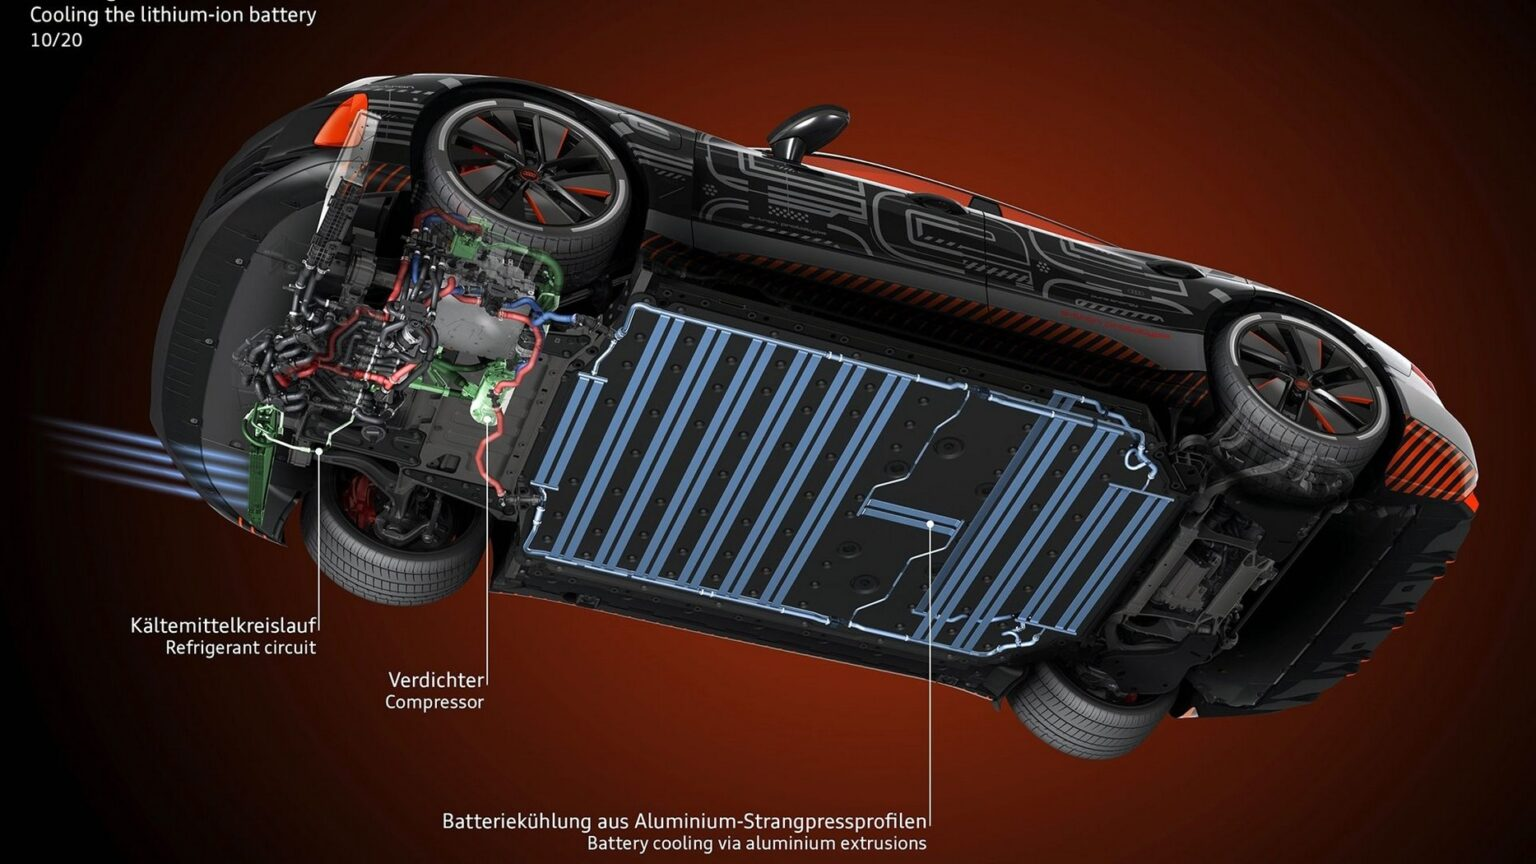 تحديات صناعة وتطوير السيارات الكهربائية: أصعب كثيراً مما نتخيل!